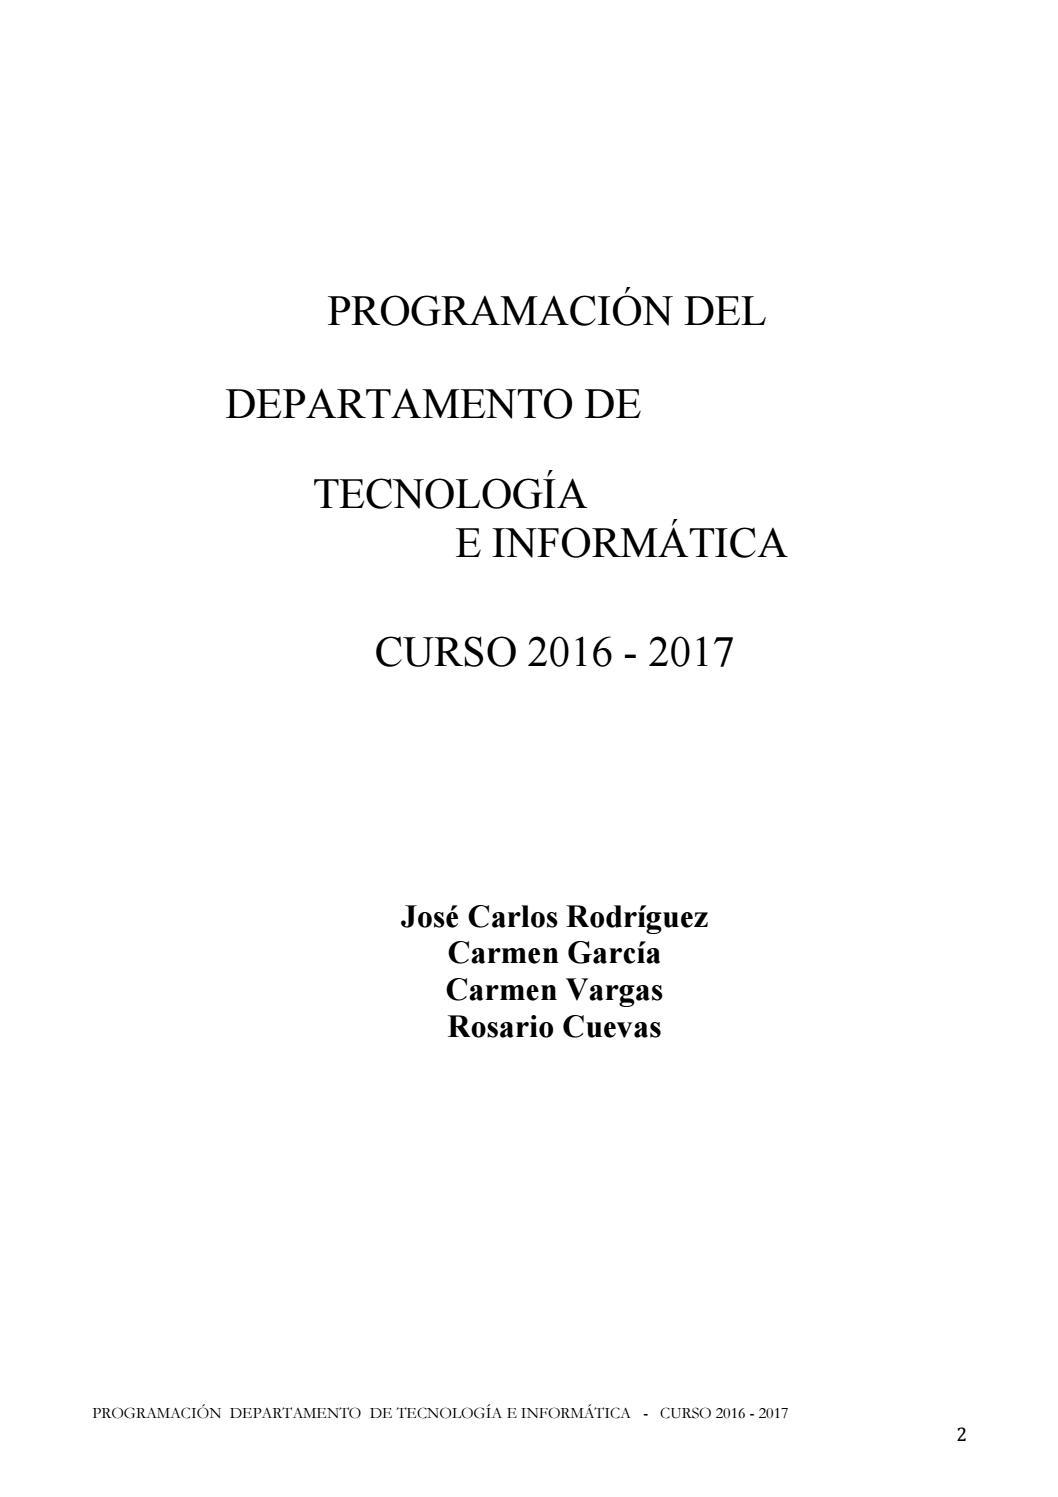 Programacion tecnologia 16 17 by Carmen García - issuu